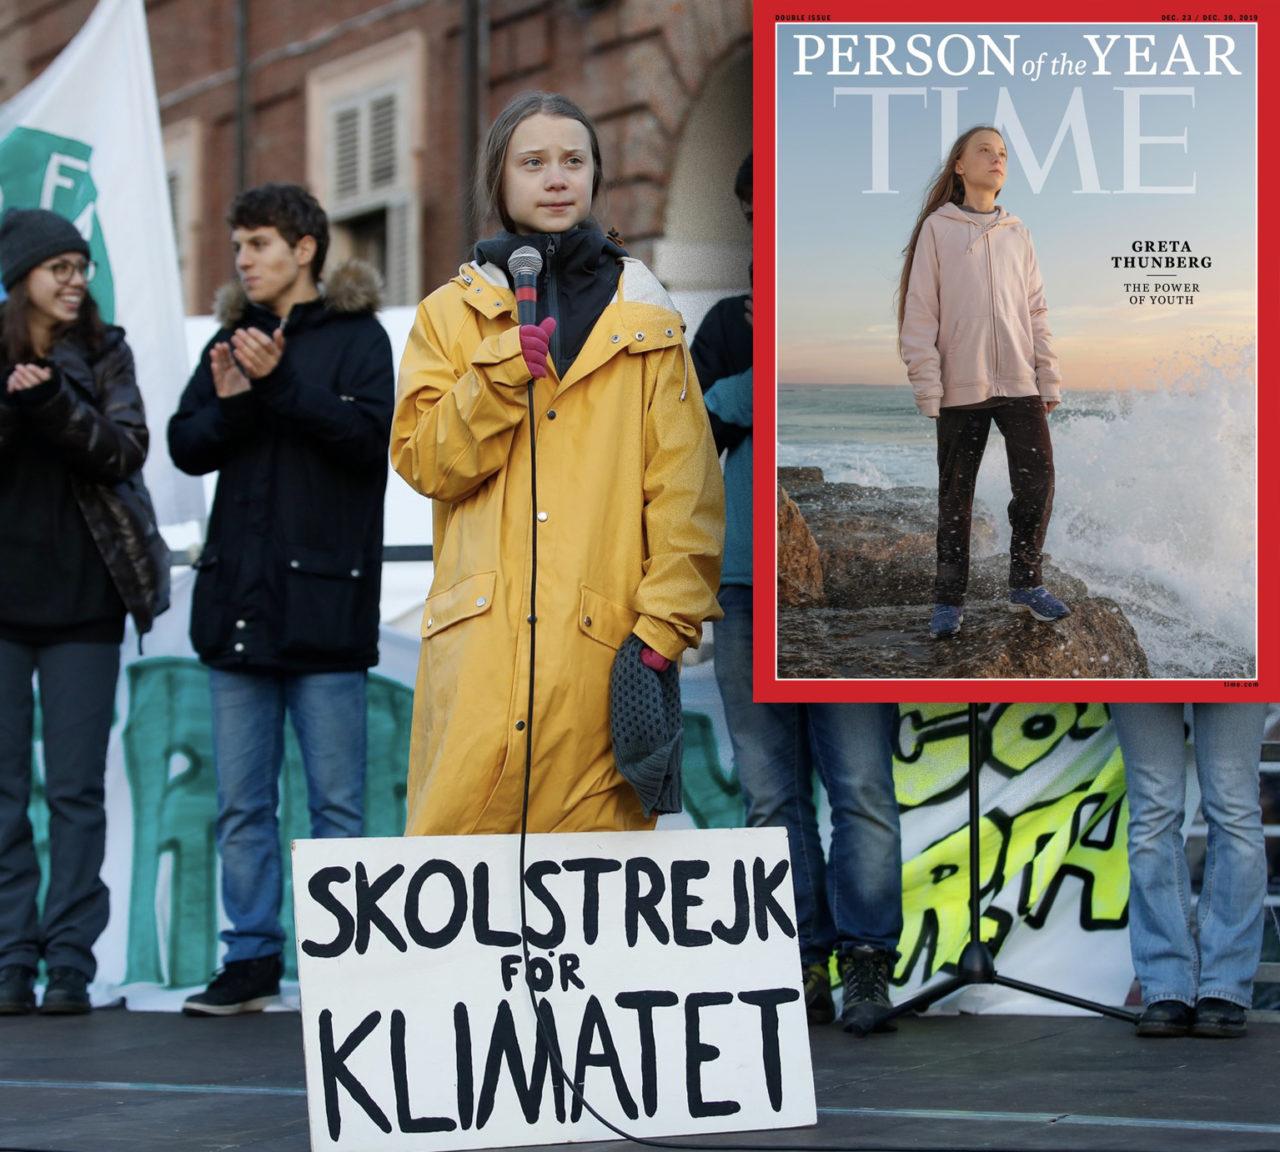 """16 yaşındaki Greta Thundberg, BM İklim Zirvesi'nde yaptığı konuşmada, """"Bizi hayal kırıklığına uğratıyorsunuz,"""" demişti."""